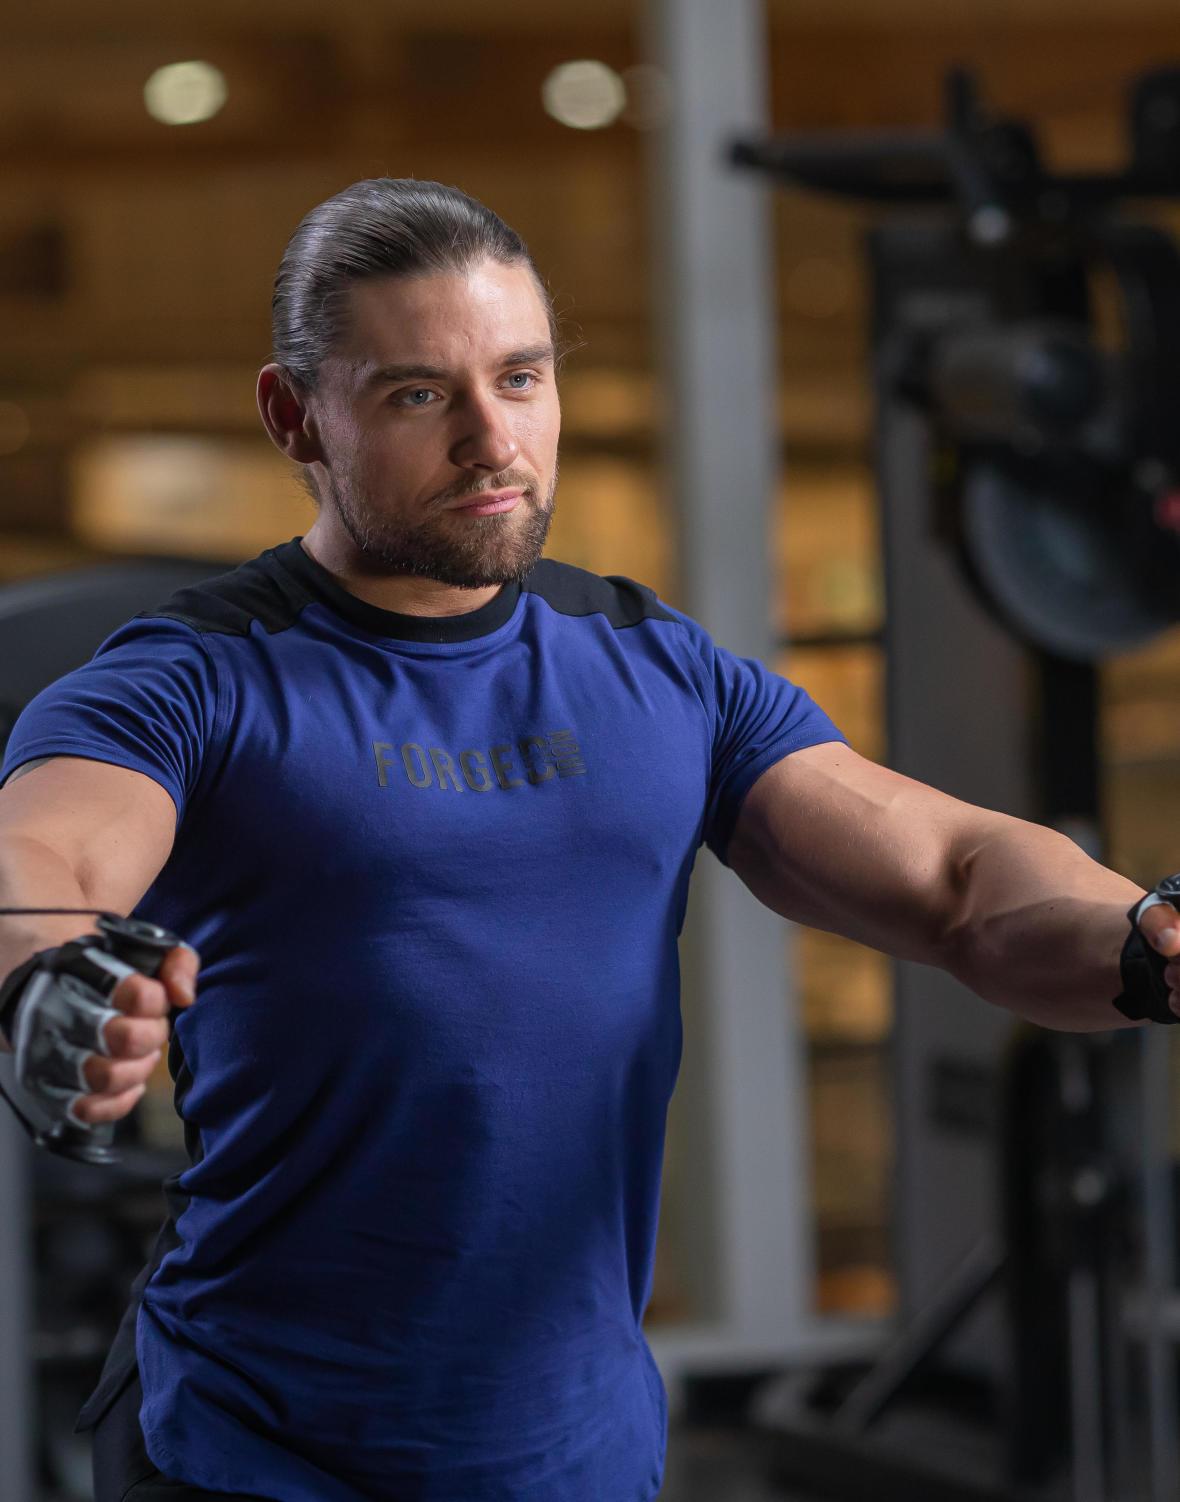 pourquoi prendre des bcaa musculation